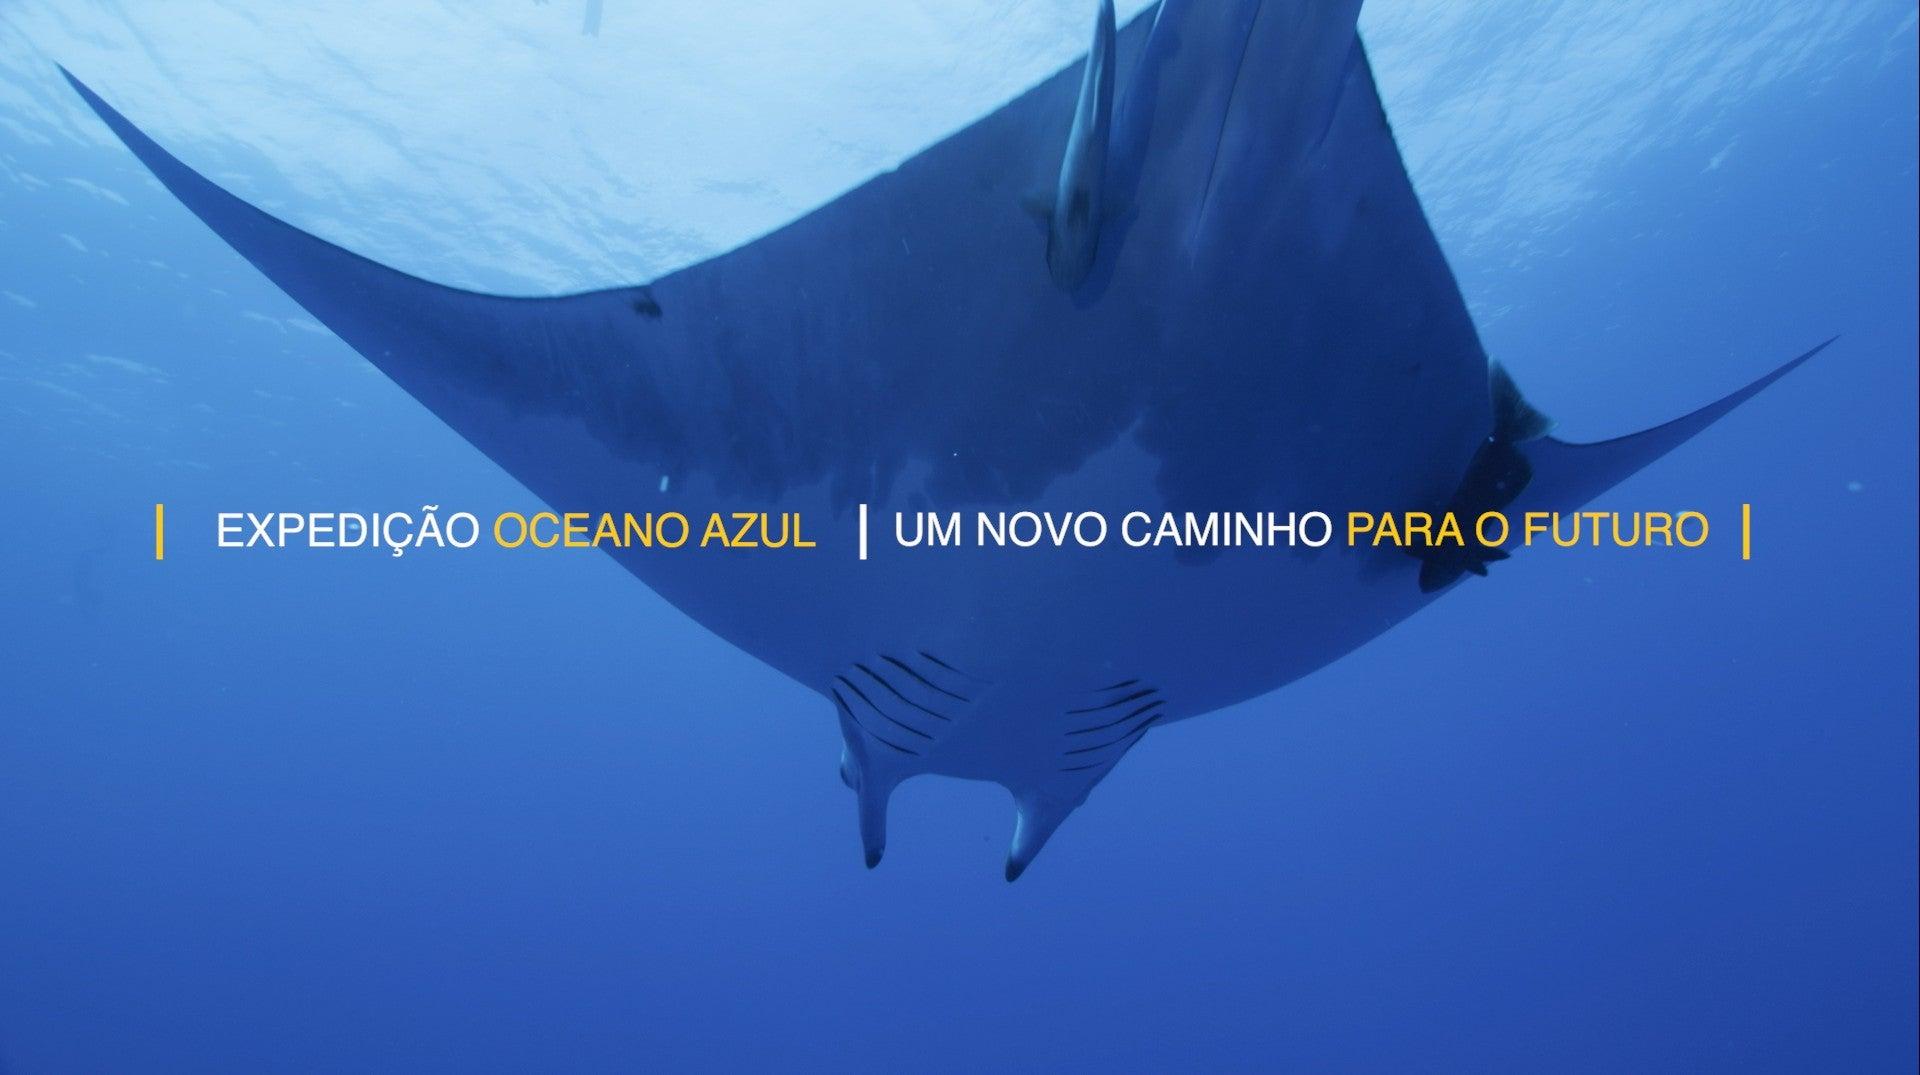 Expedição Oceano Azul - Um Novo Caminho Para o Futuro